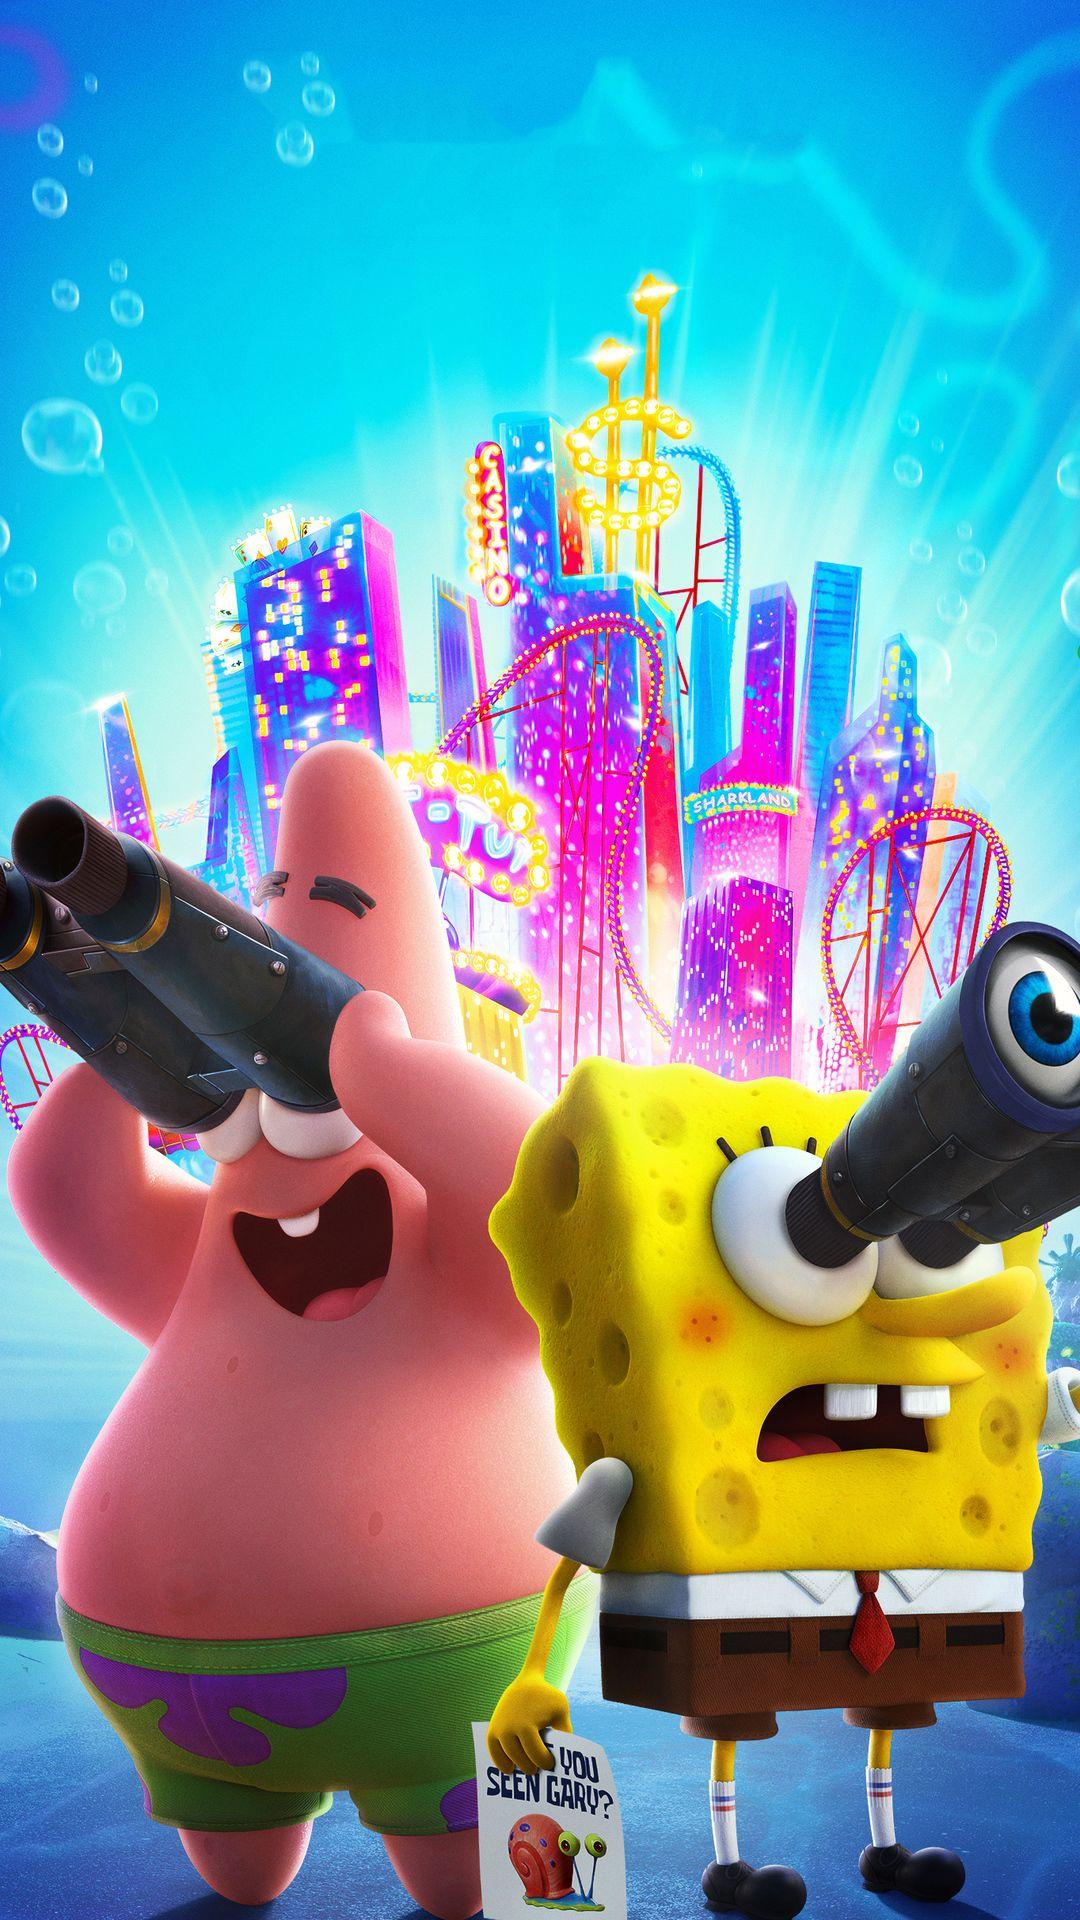 Spongebob Wallpaper Android in 2020 Spongebob wallpaper